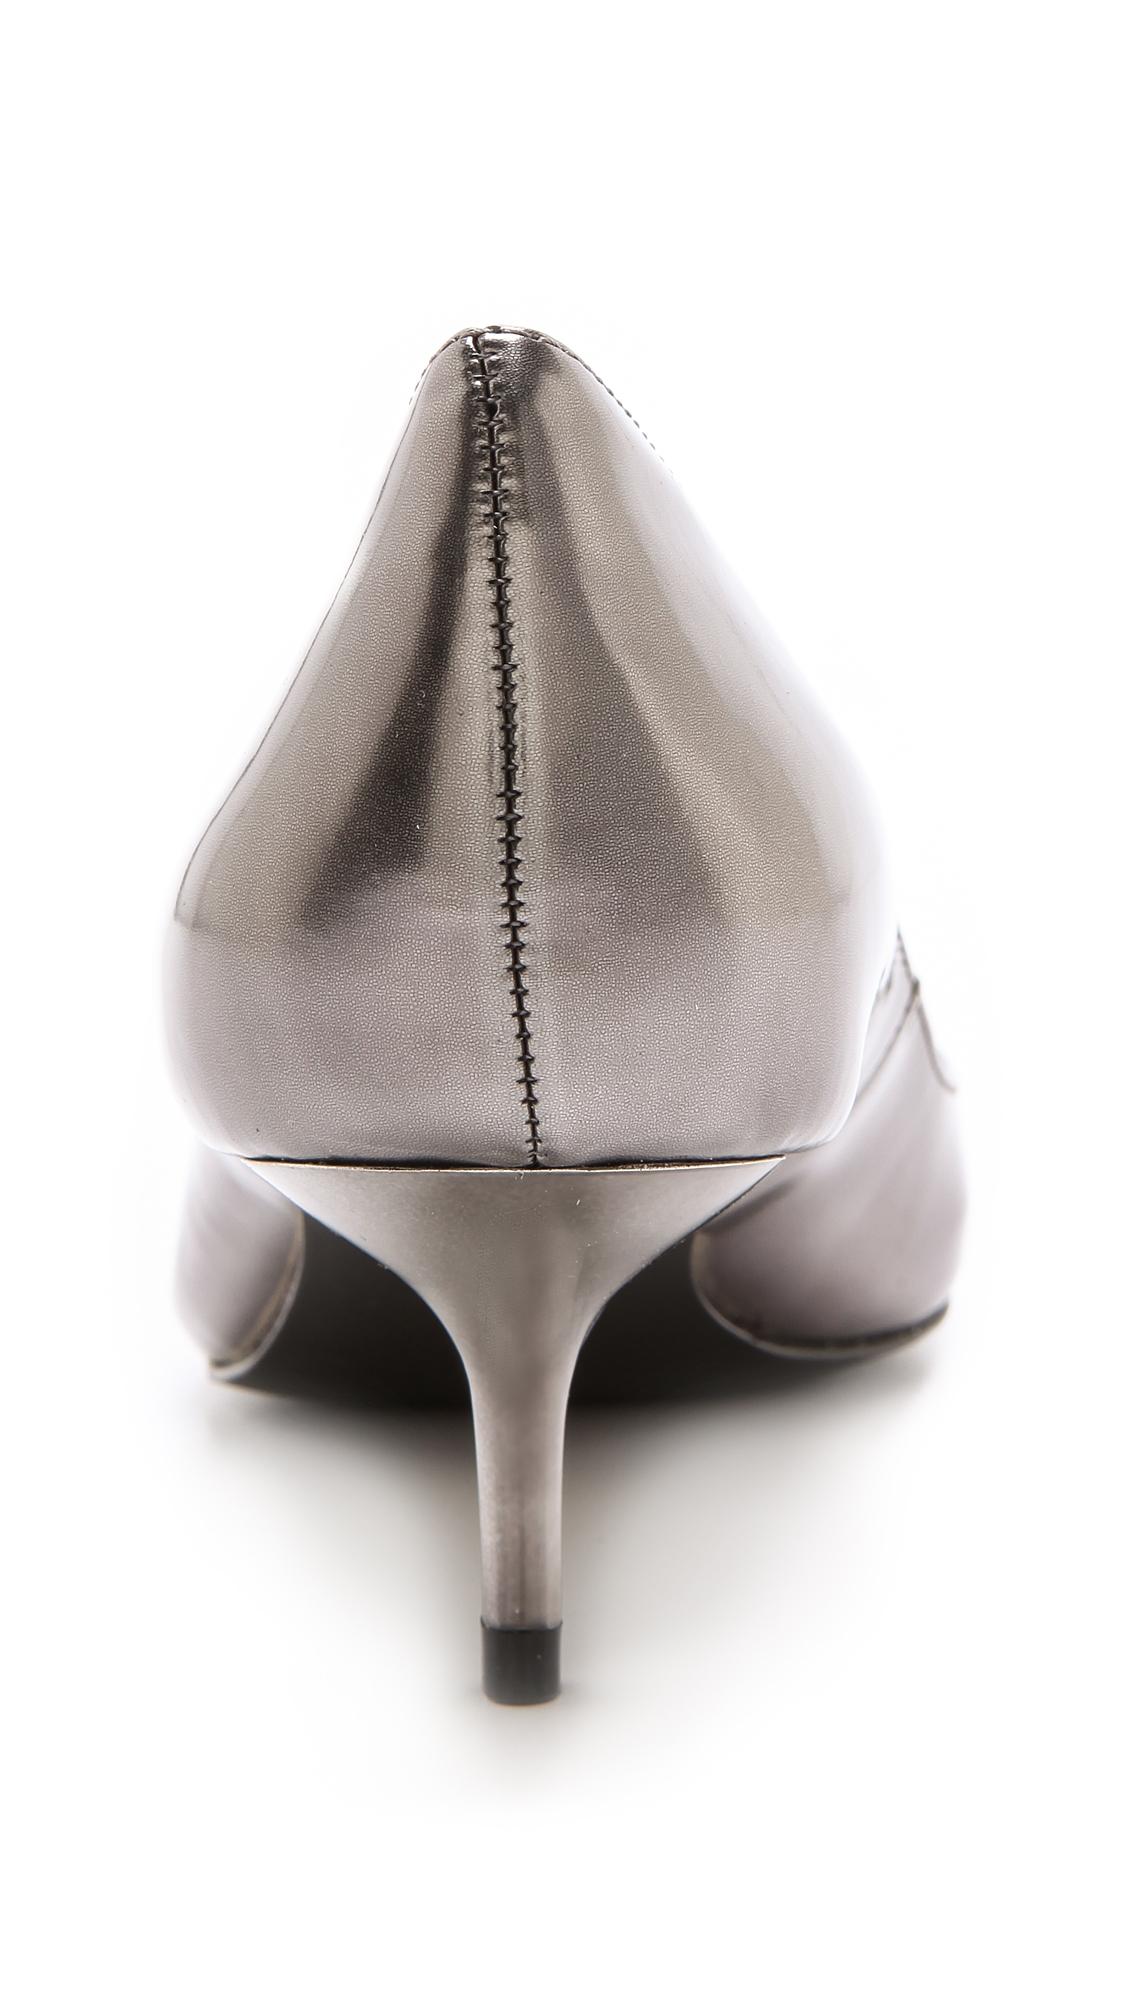 59346f1782d Lyst - Boutique 9 Sophina Metallic Pumps On Kitten Heel in Metallic